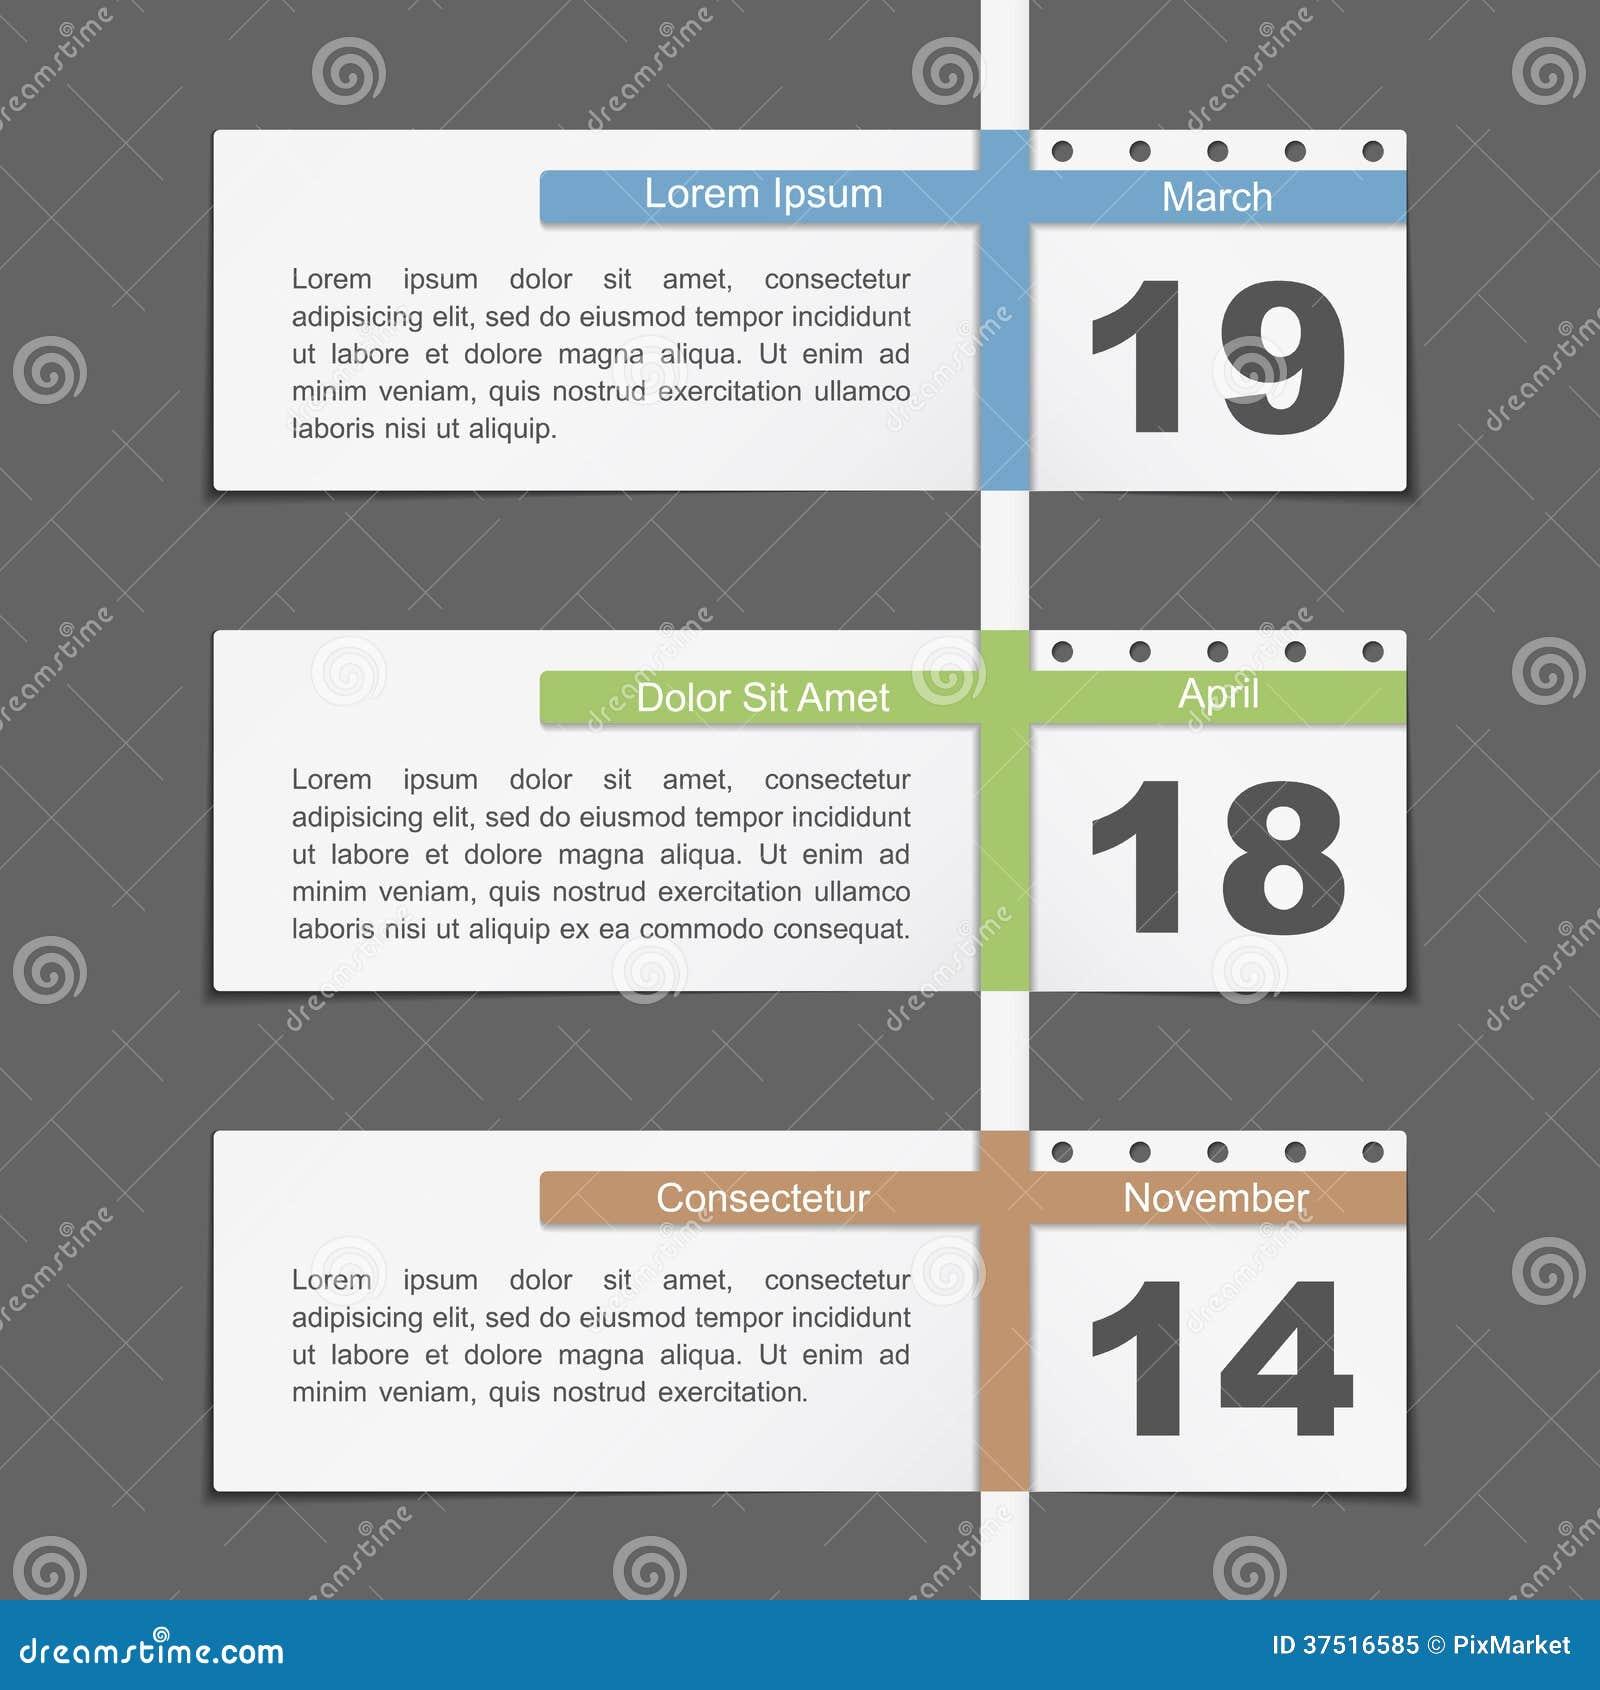 timeline design template with calendar dates mr no pr no 0 122 0